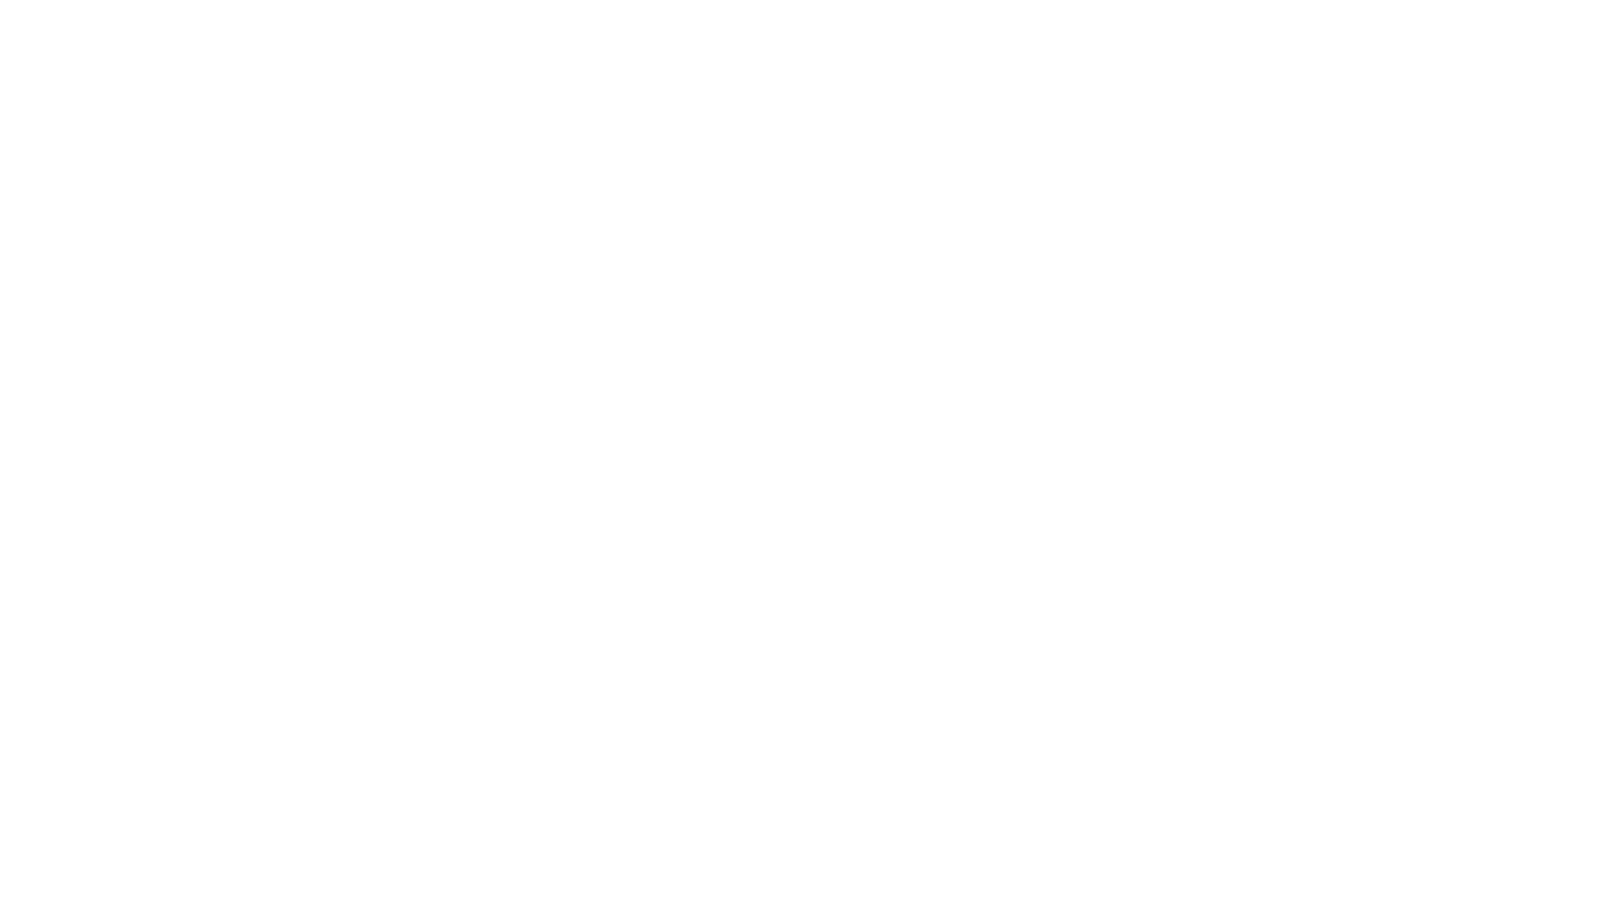 Заучування  віршів розвиває пам'ять,  увагу, збагачує словниковий запас дитини. А прослуховування  вірша з опорою на малюнки захоплює дітей, дозволяє значно швидше запам'ятати текст та перетворює заняття в гру. Автор Олена Юрчук.